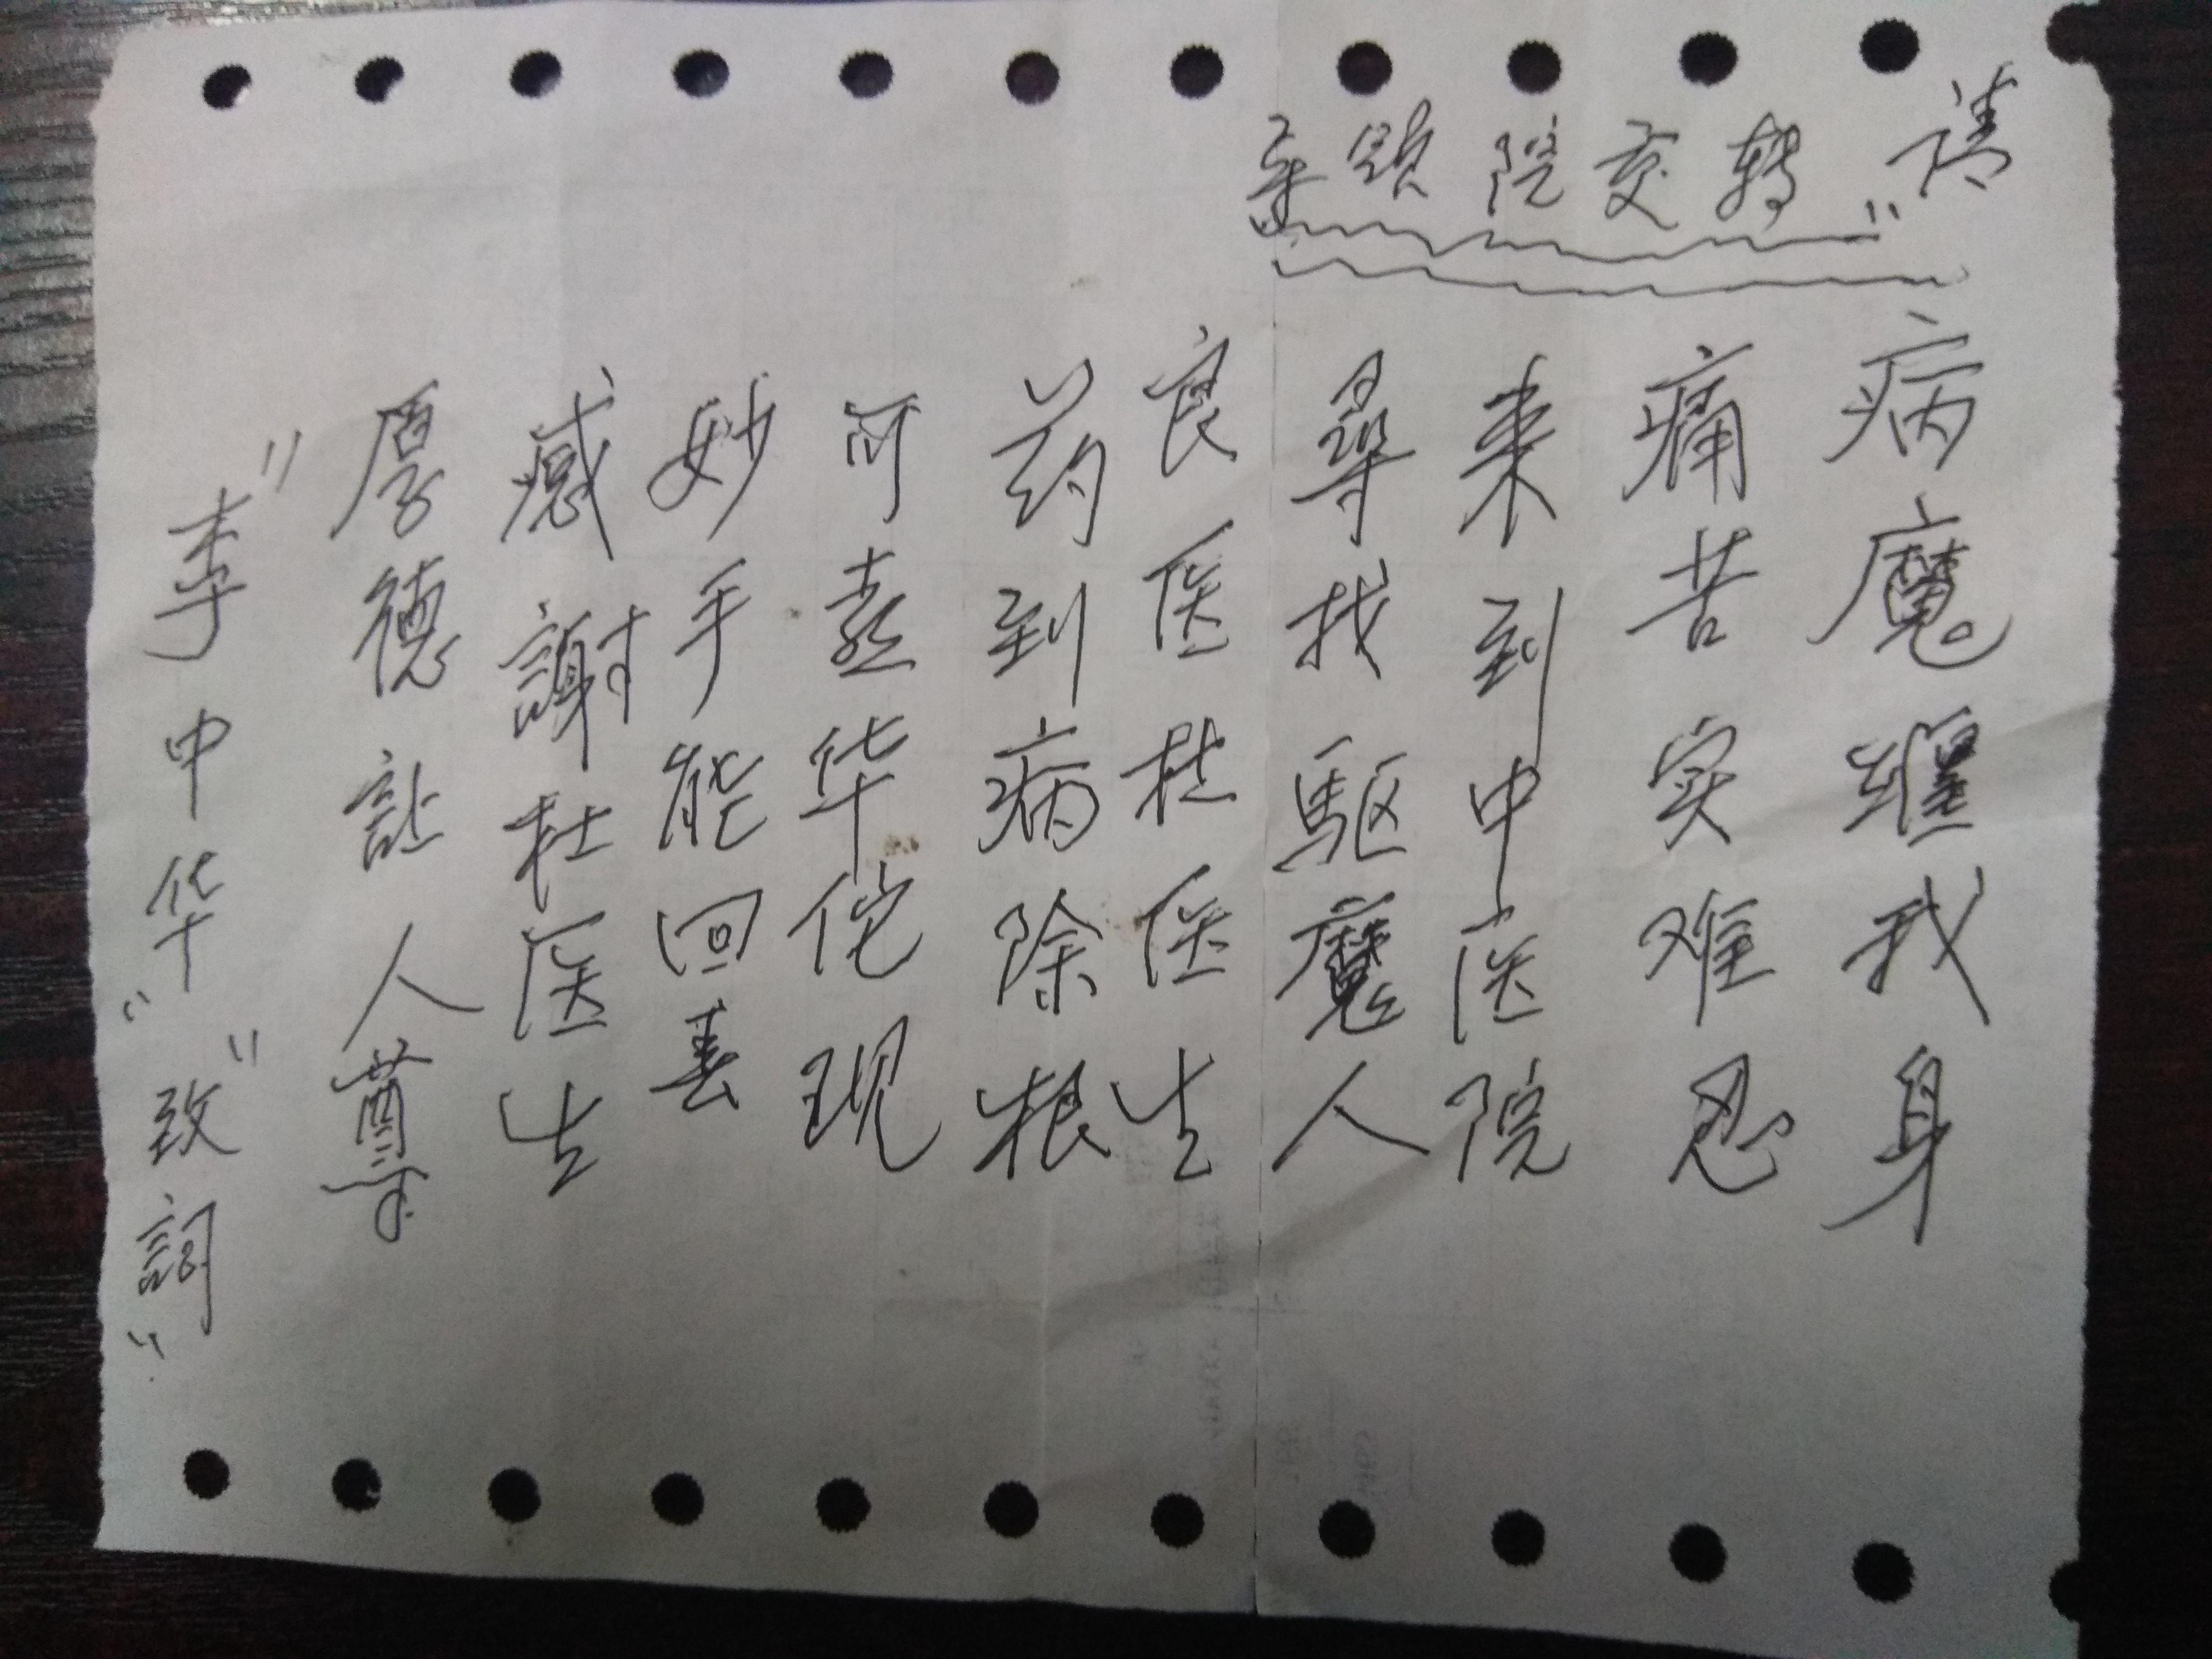 八十多岁五保老人写诗赞美武陟县中医院内一科医生图片